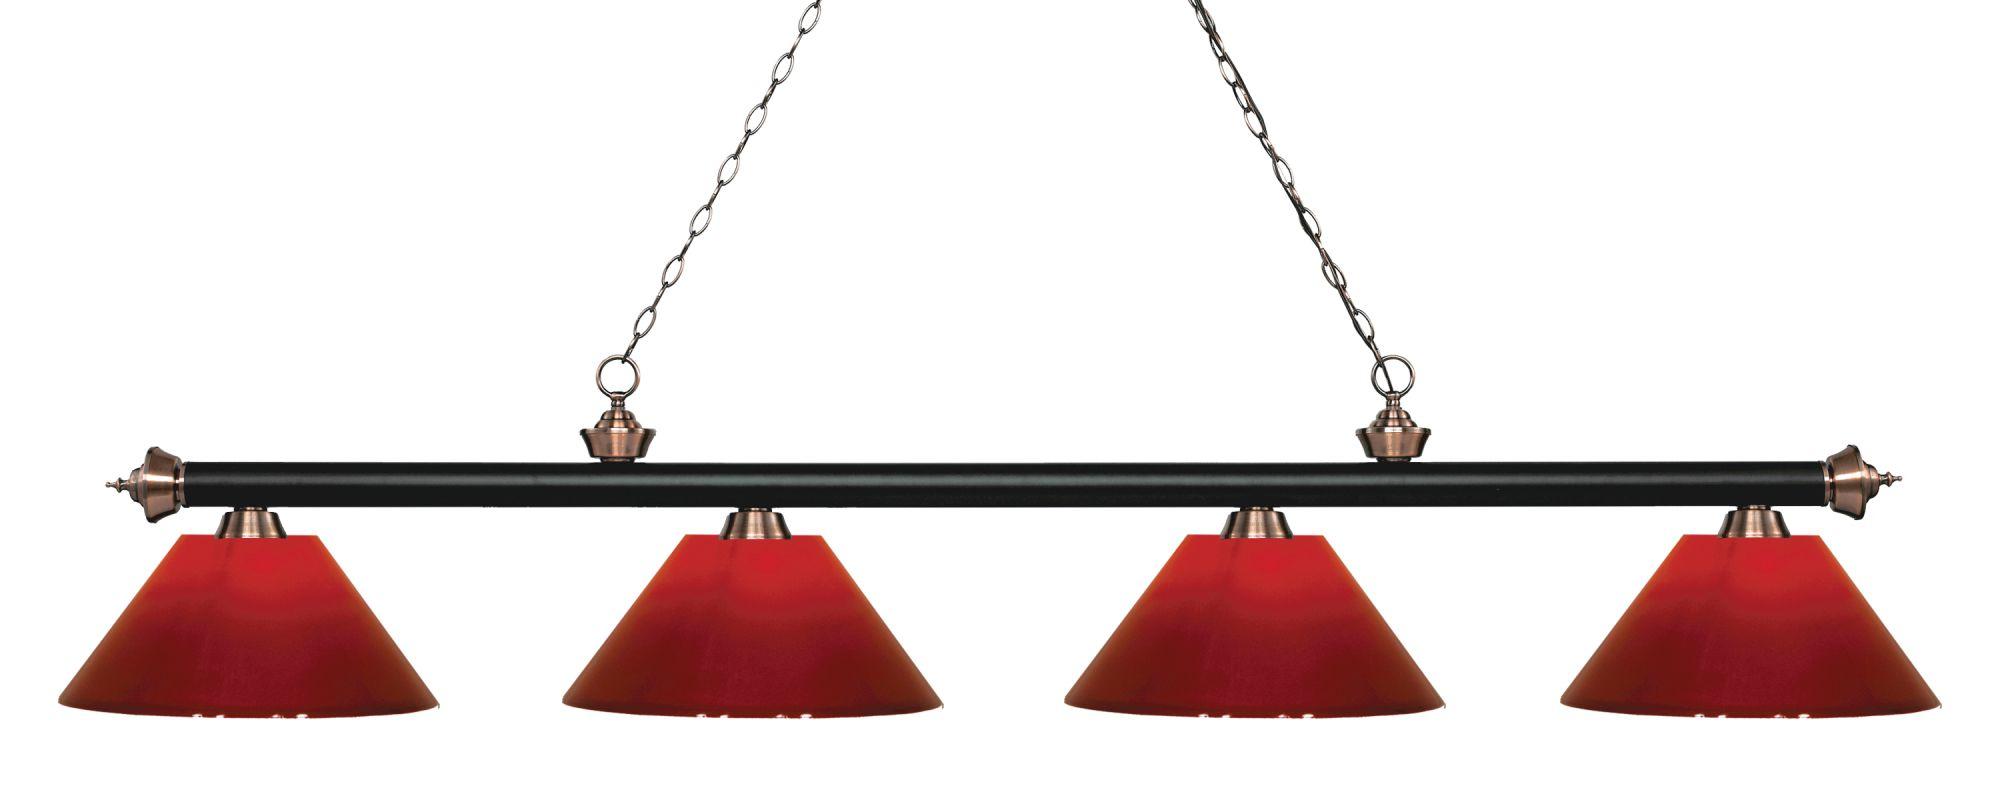 Z-Lite 200-4-PRD Riviera 4 Light Island/Billiard Light with Red Sale $362.00 ITEM: bci2758310 ID#:200-4MB+AC-PRD UPC: 685659060133 :